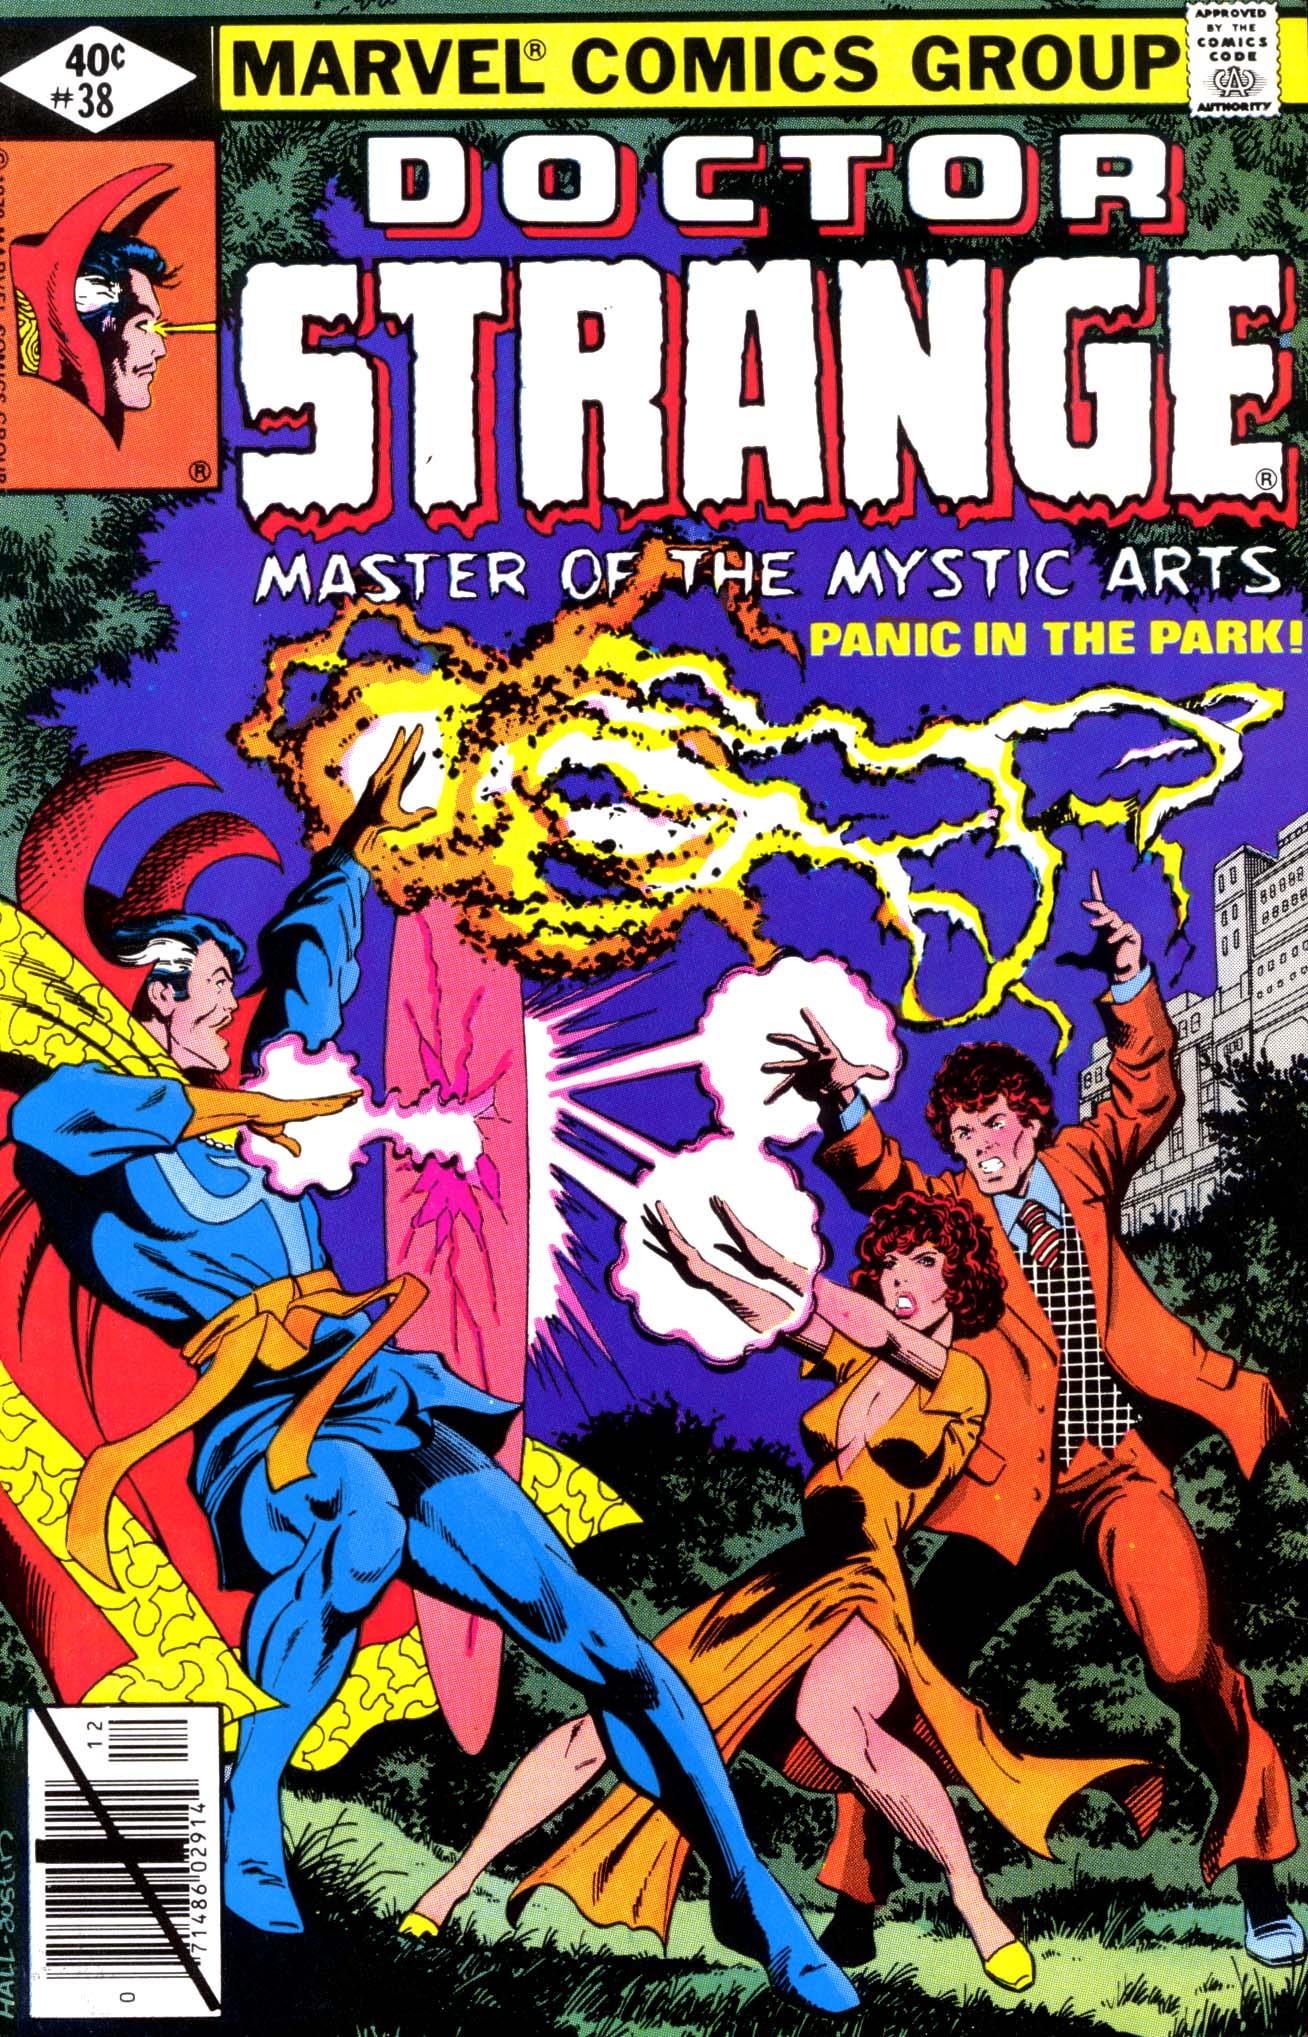 Doctor Strange (1974) 38 Page 1